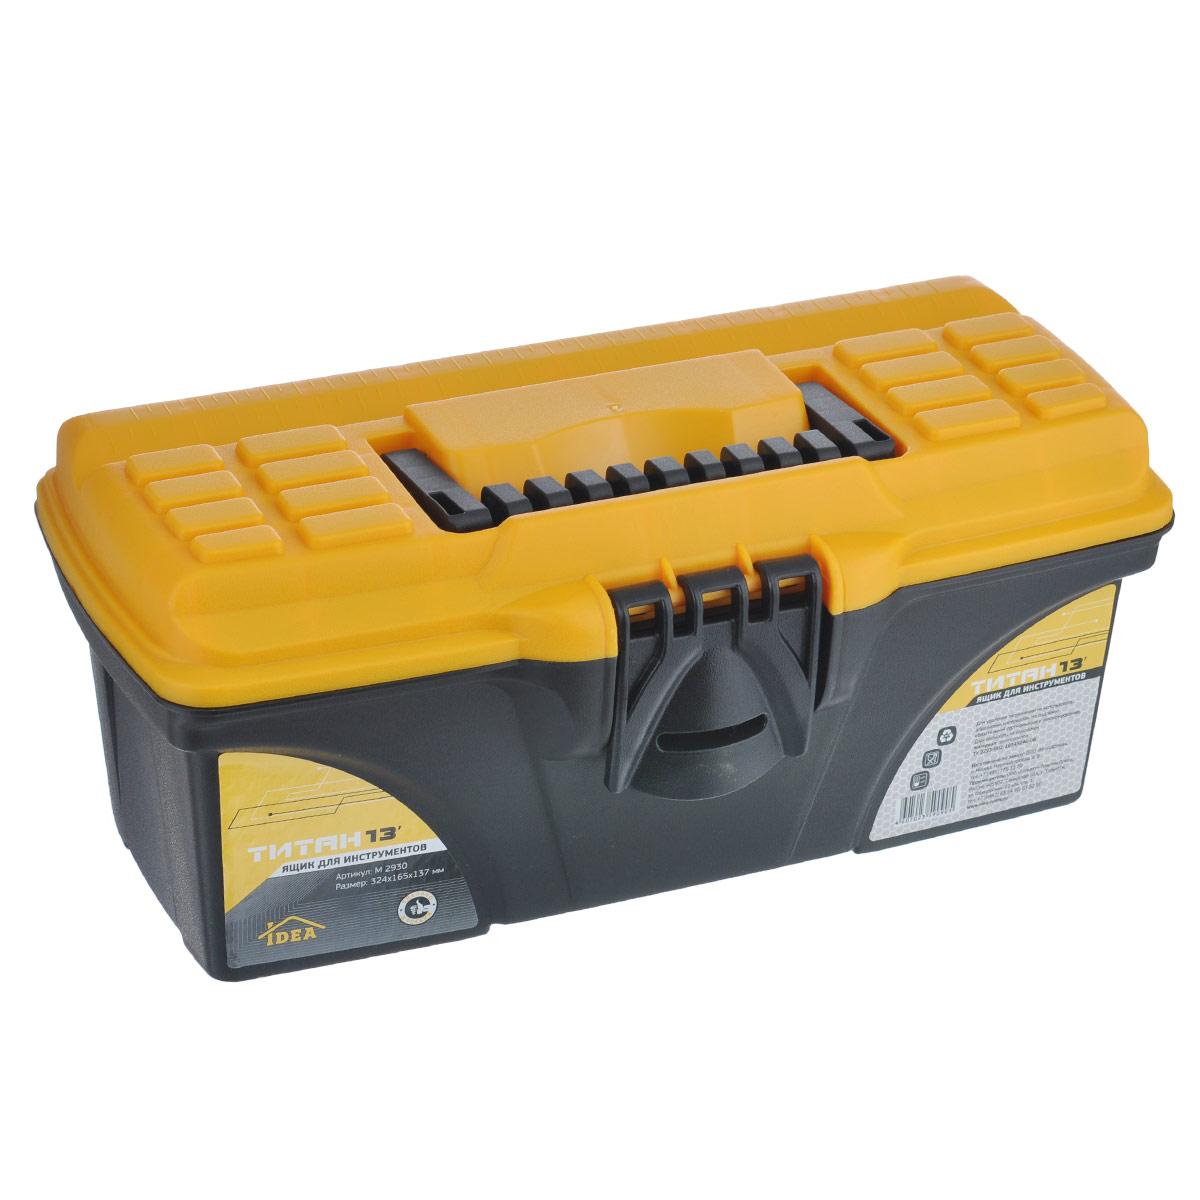 Ящик для инструментов Idea Титан 13, 32,4 х 16,5 х 13,7 смМ 2930Ящик Idea Титан 13 изготовлен из прочного пластика и предназначен для хранения и переноски инструментов. Вместительный, внутри имеет большое главное отделение. Крышка ящика оснащена линейкой. Для более комфортного переноса в руках, на крышке ящика предусмотрена удобная ручка. Ящик закрывается при помощи крепкой защелки, которая не допускает случайного открывания.